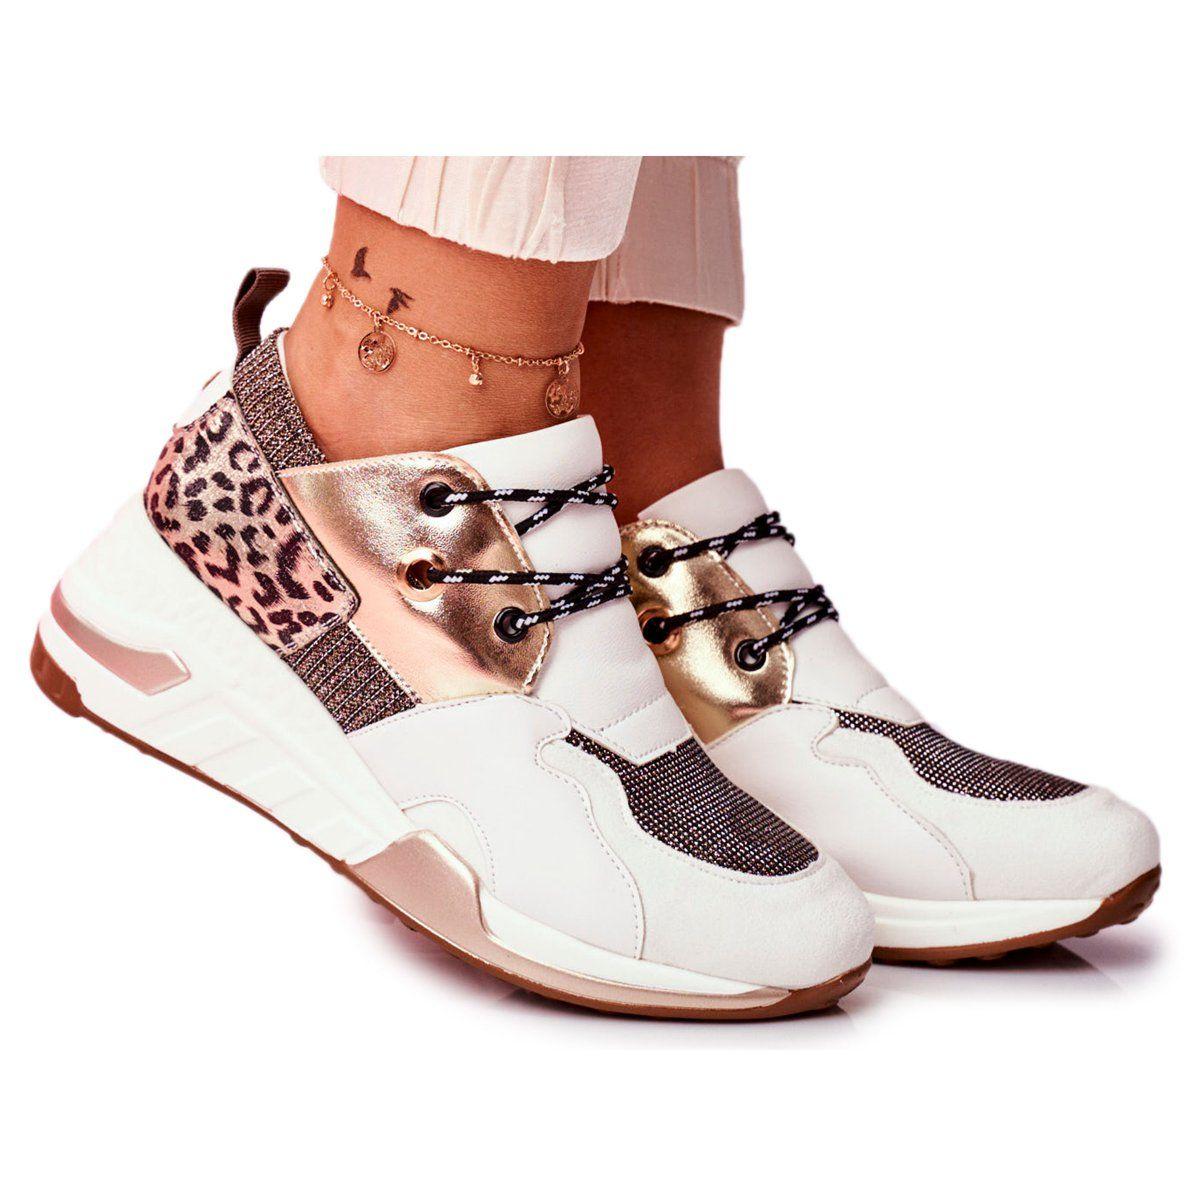 Moow Sportowe Damskie Buty Sneakersy Bialo Zlote Sempre Biale Wielokolorowe Zolte Wedge Sneaker Shoes Sneakers